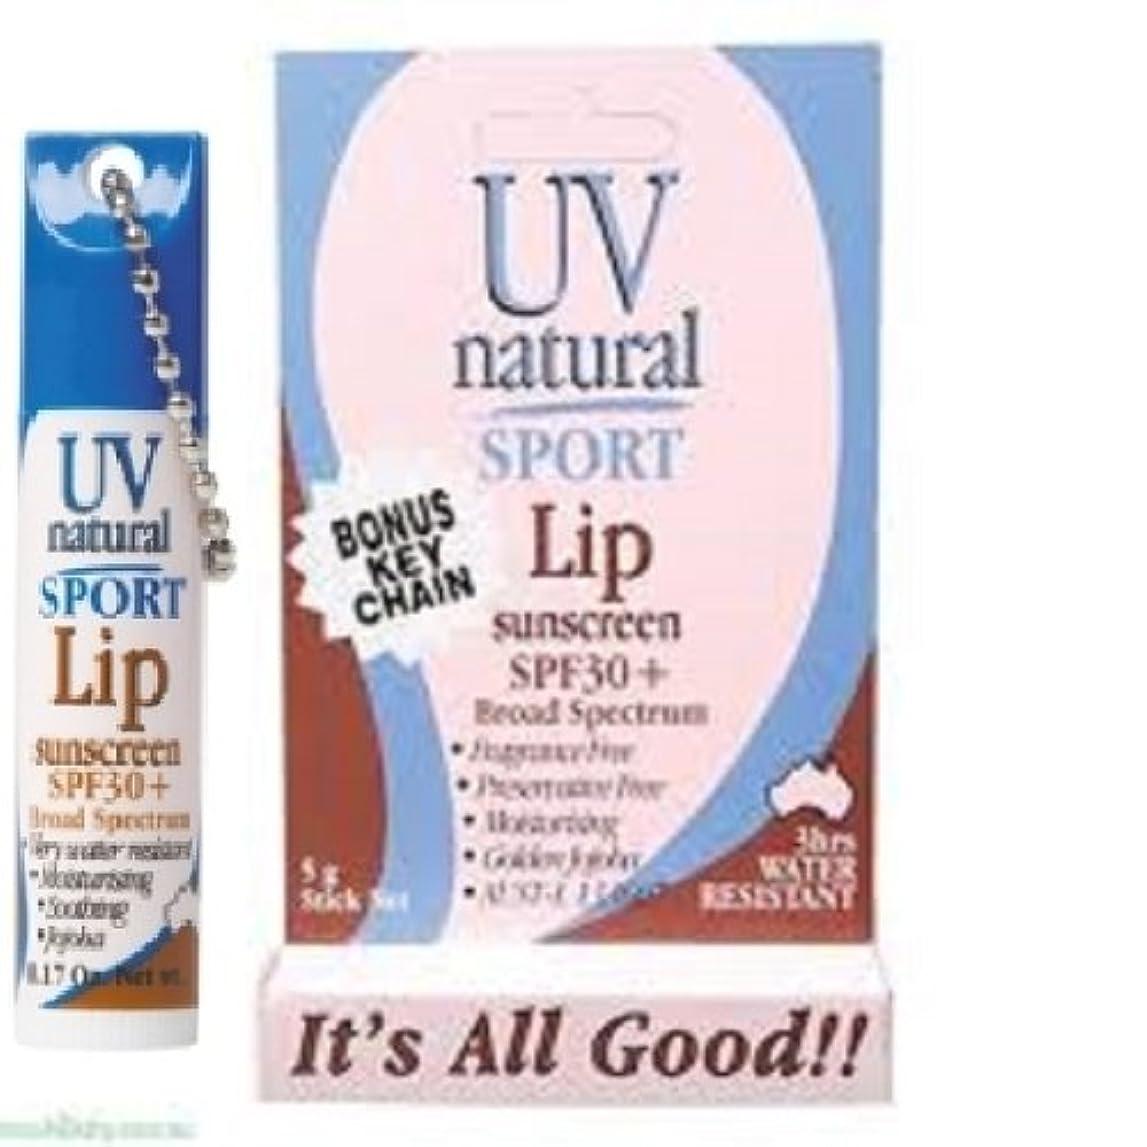 民主主義広告解釈【UV NATURAL】Lip Sunscreen 日焼け止め Sport SPF30+ 5g 3本セット